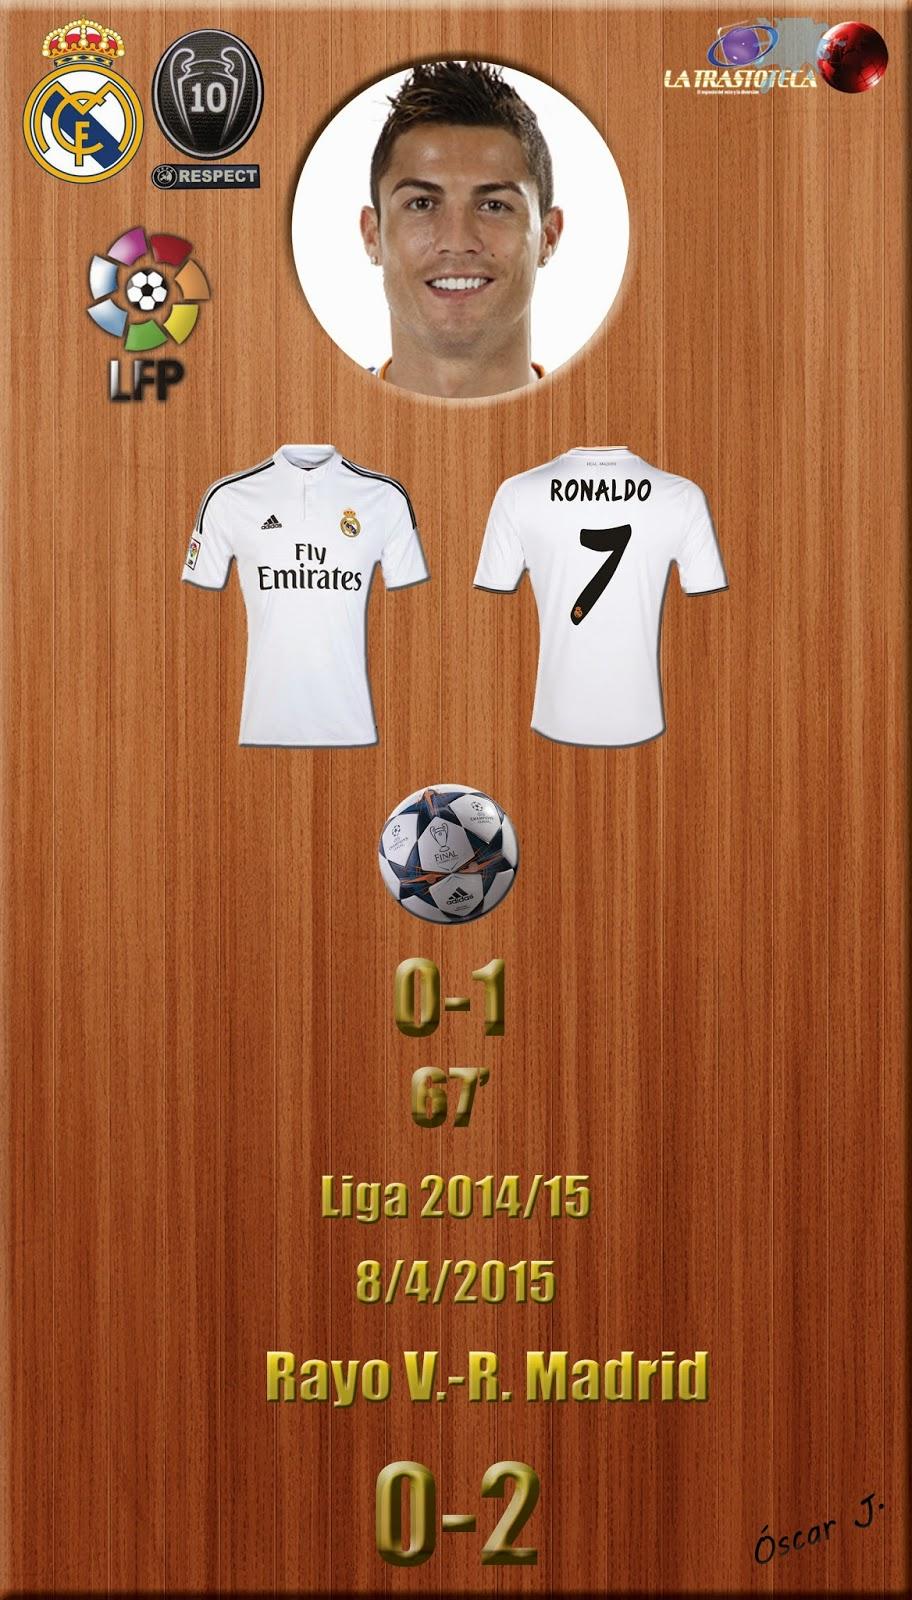 Cristiano Ronaldo (0-1) - Rayo V. 0-2 Real Madrid - Liga 2014/15 - Jornada 30 - (8/4/2015)